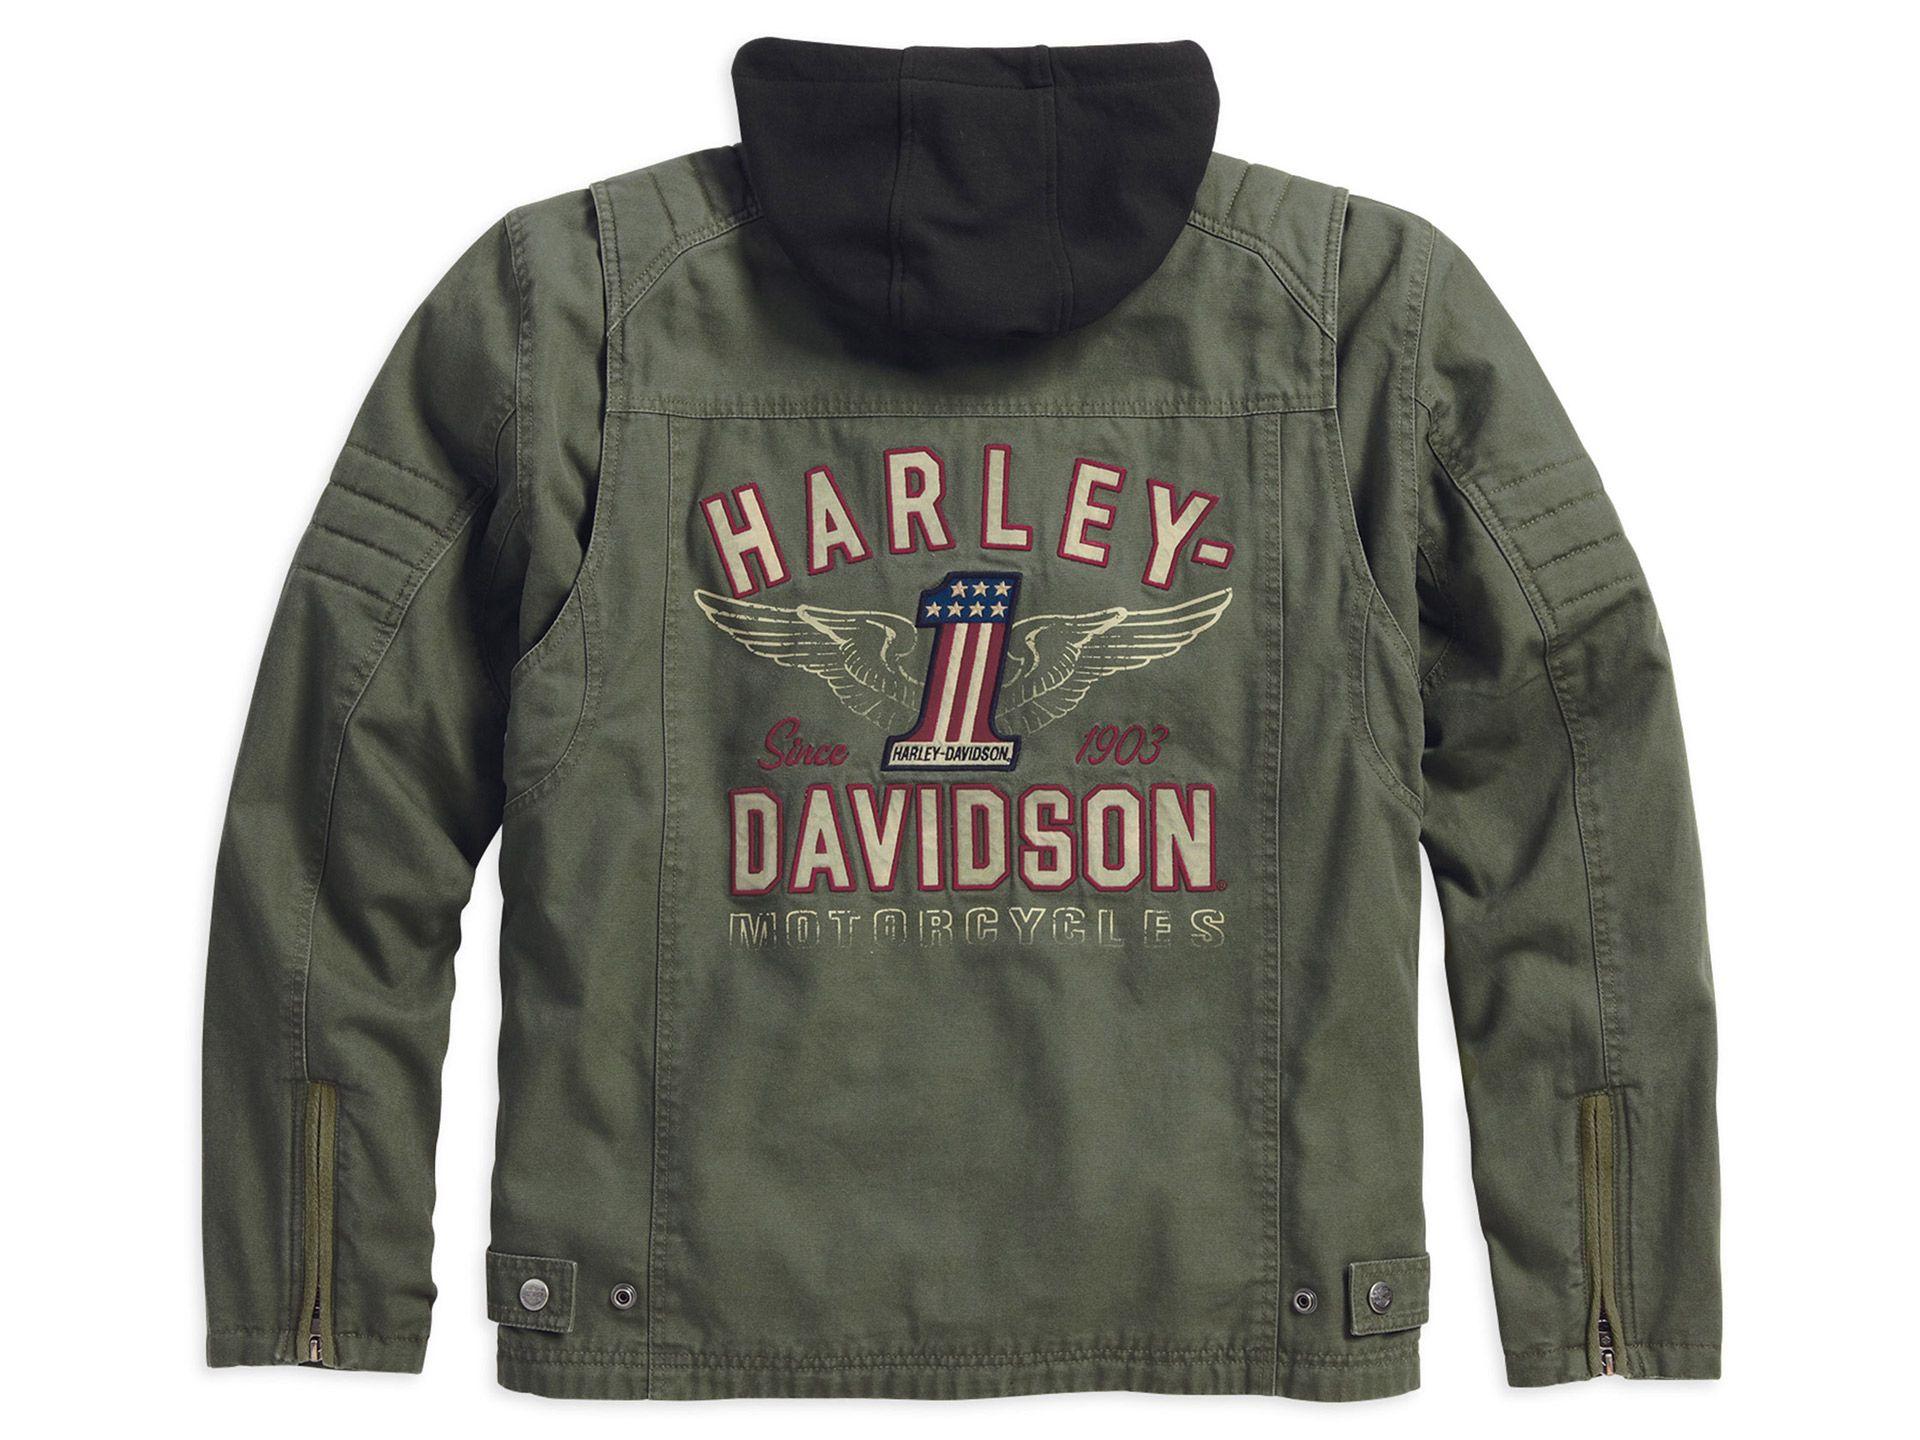 98563 15vm harley davidson jacket long way 3 in 1 green. Black Bedroom Furniture Sets. Home Design Ideas